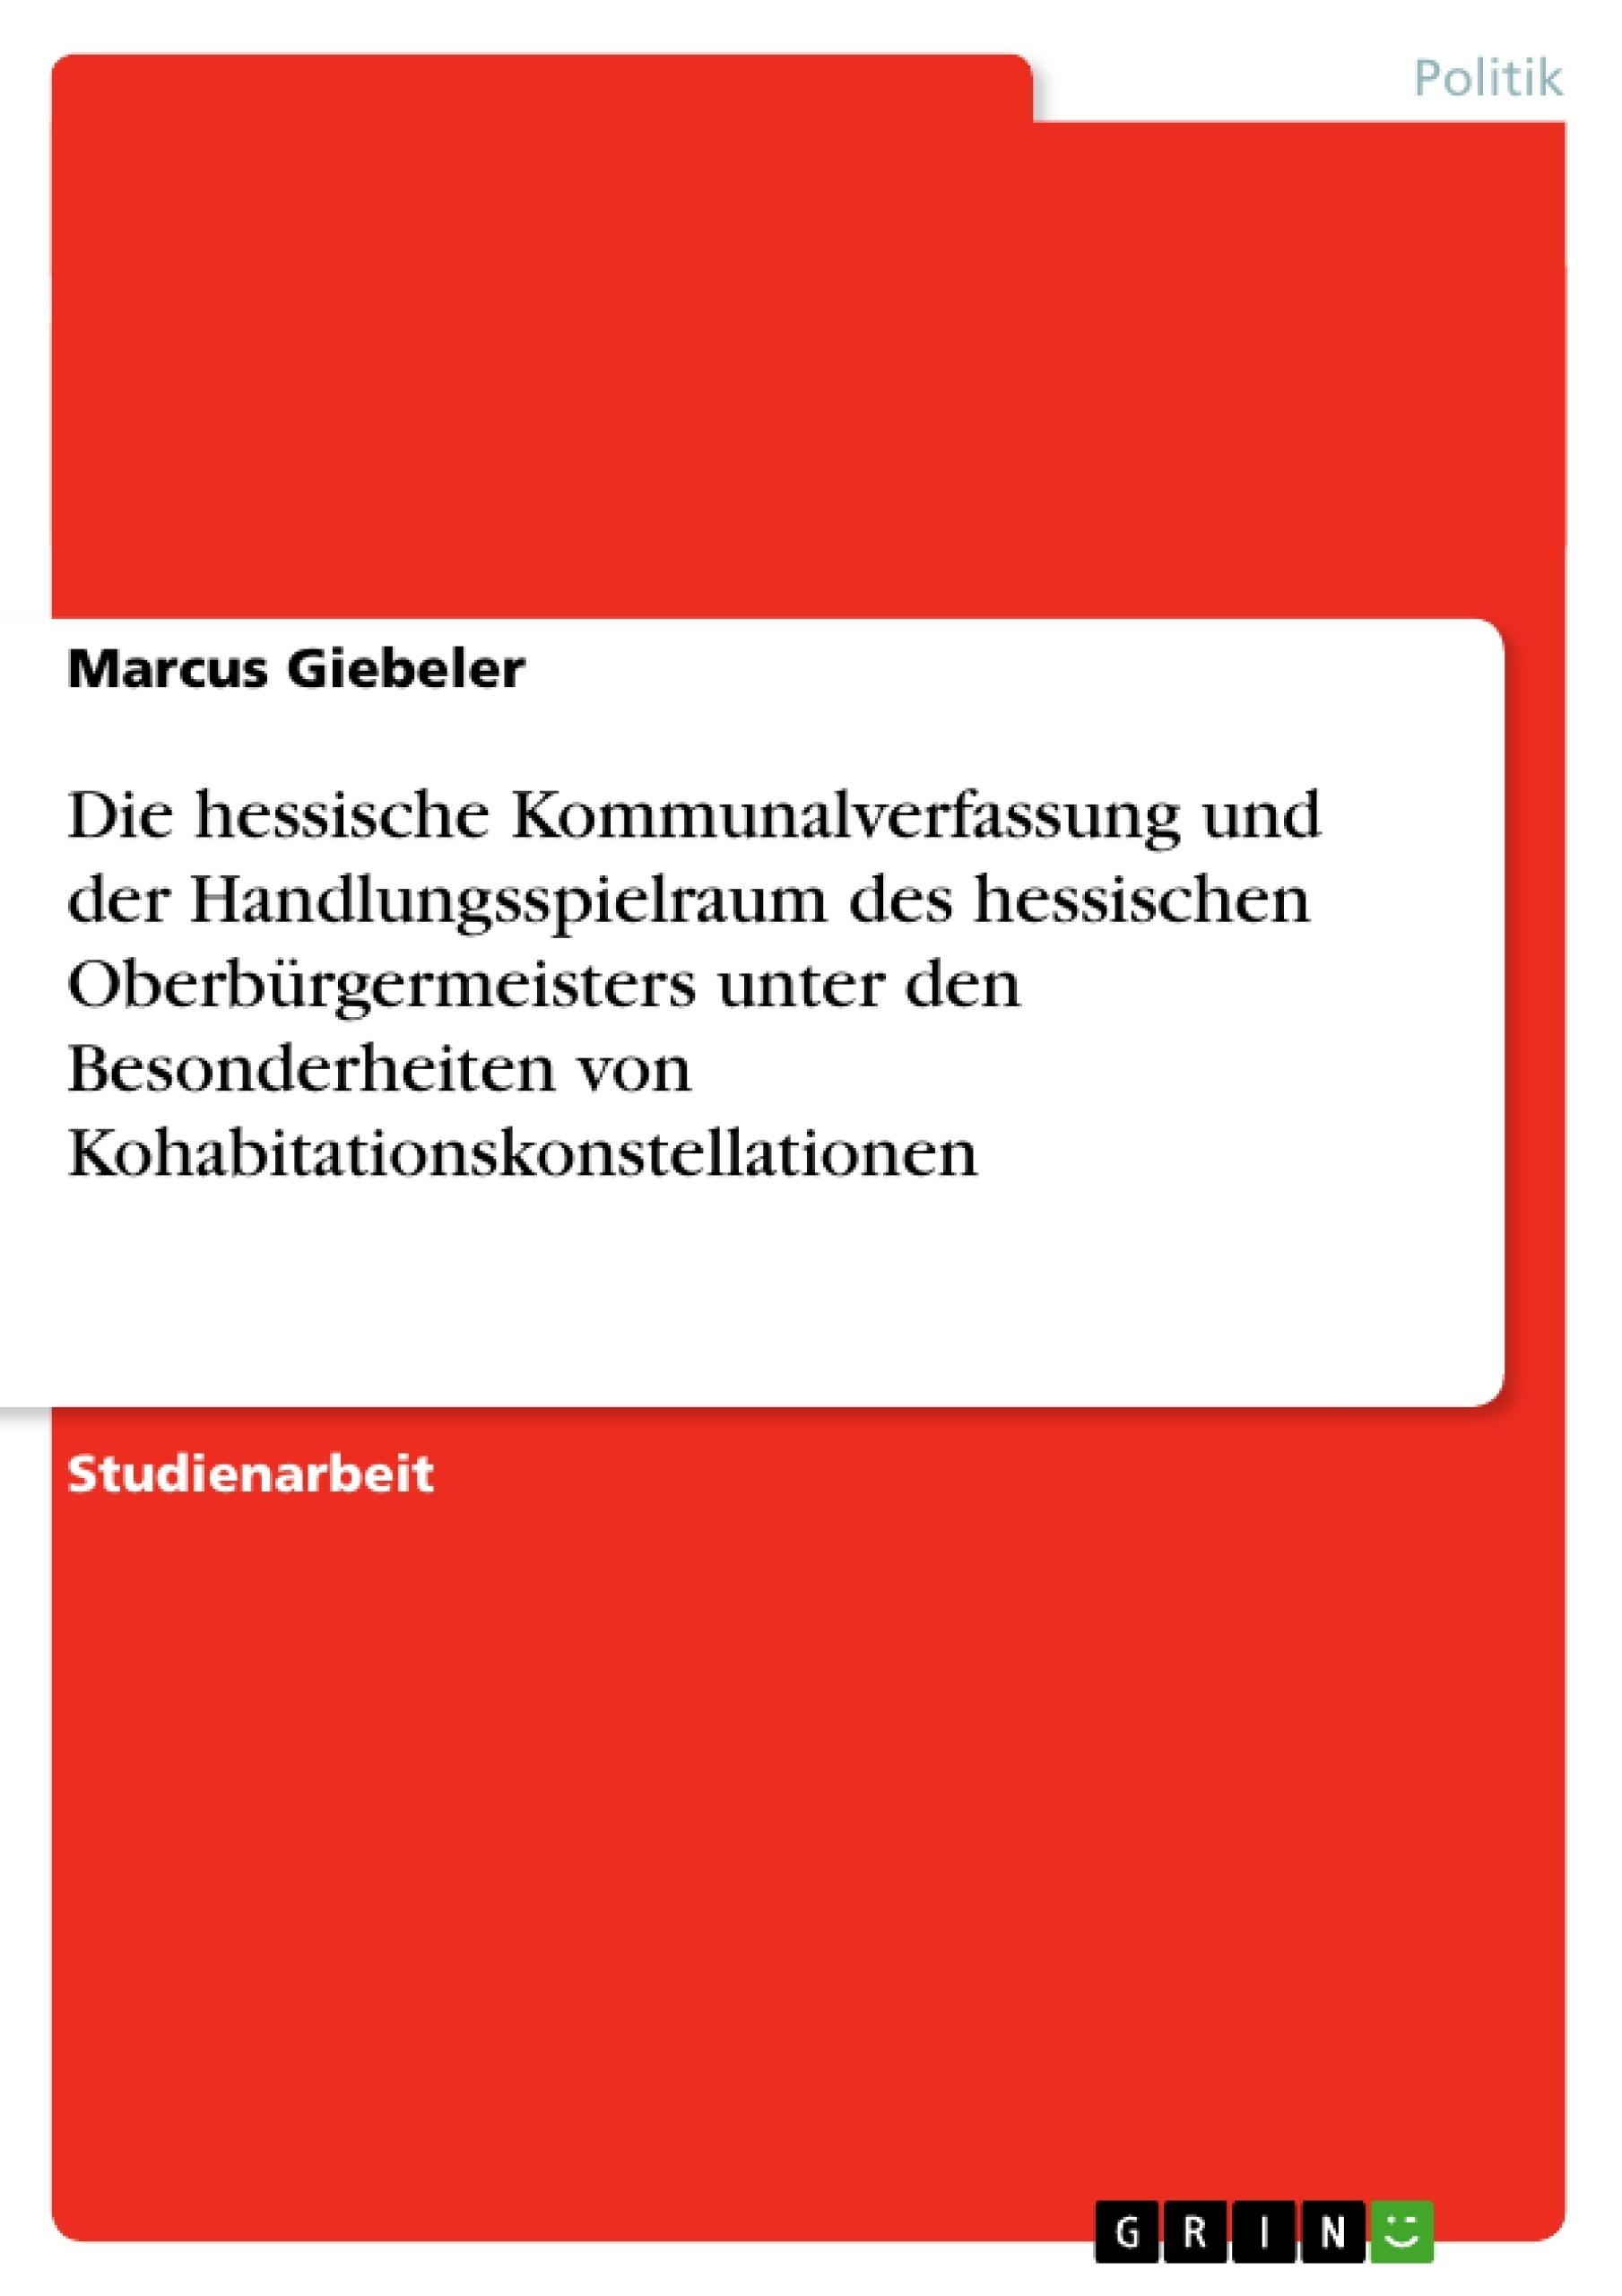 Titel: Die hessische Kommunalverfassung und der Handlungsspielraum des hessischen Oberbürgermeisters unter den Besonderheiten von Kohabitationskonstellationen